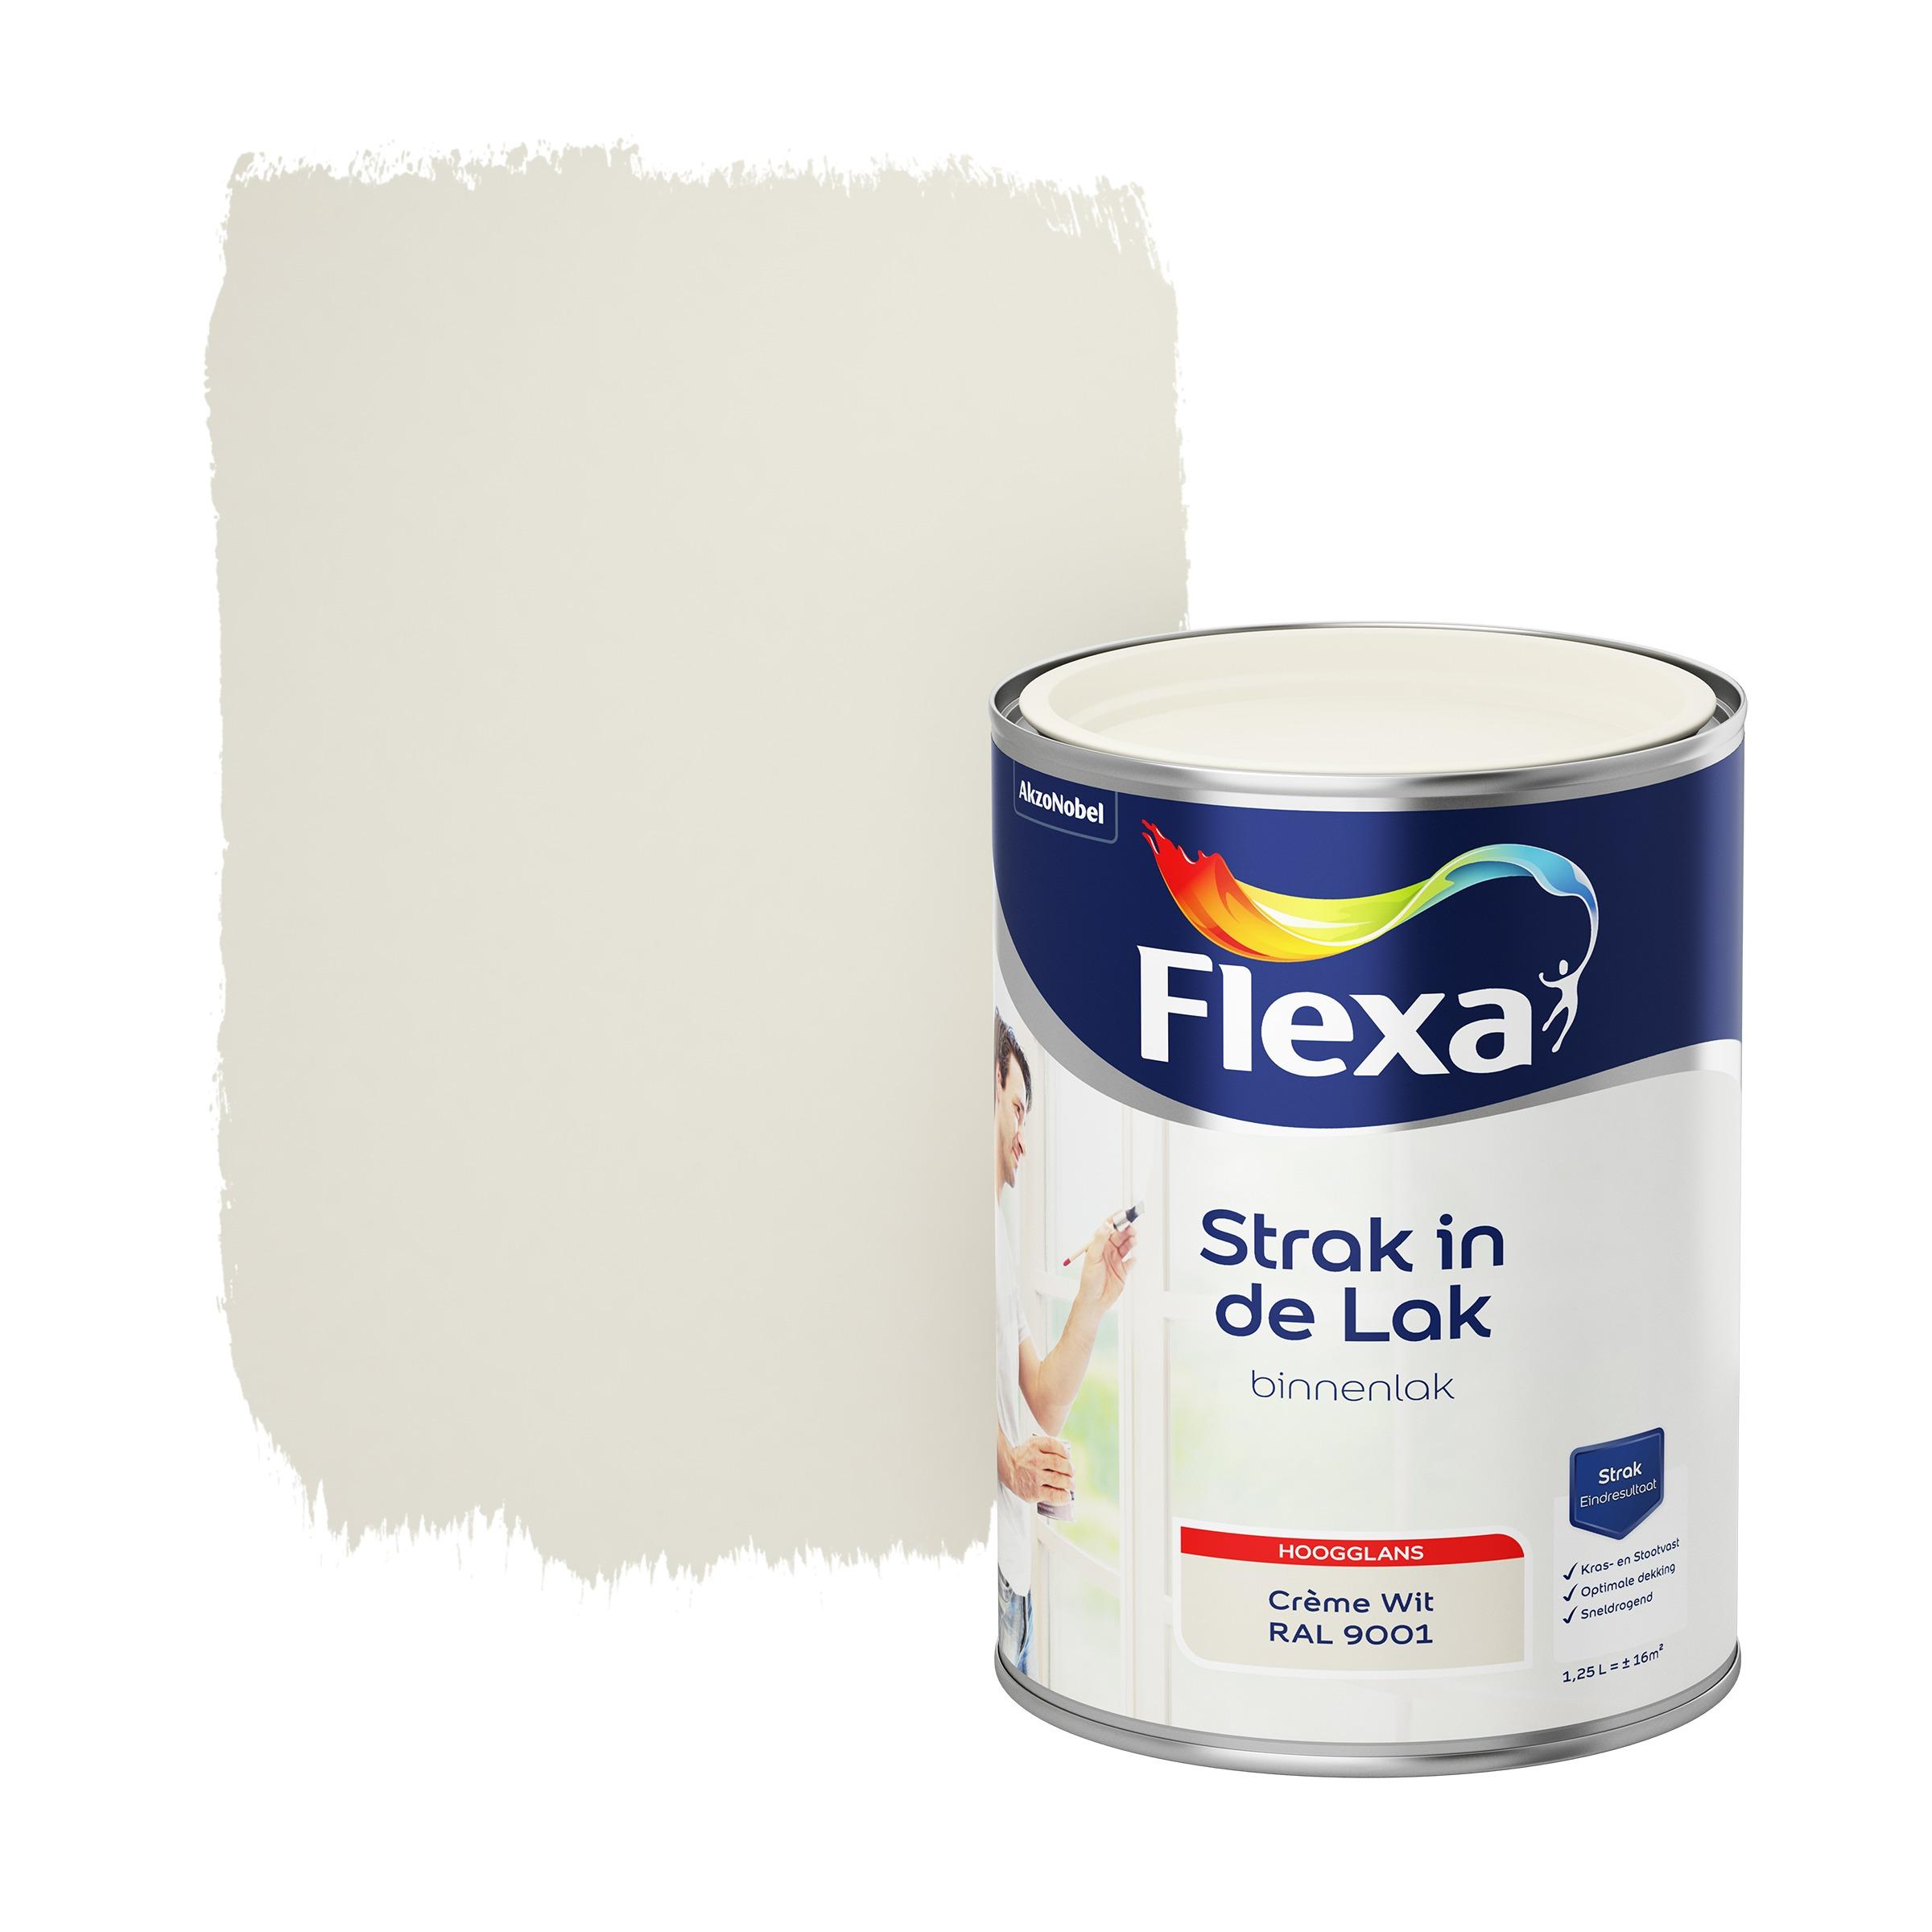 Flexa Strak In De Lak Hoogglans Crème Wit Ral 9001 1,25L